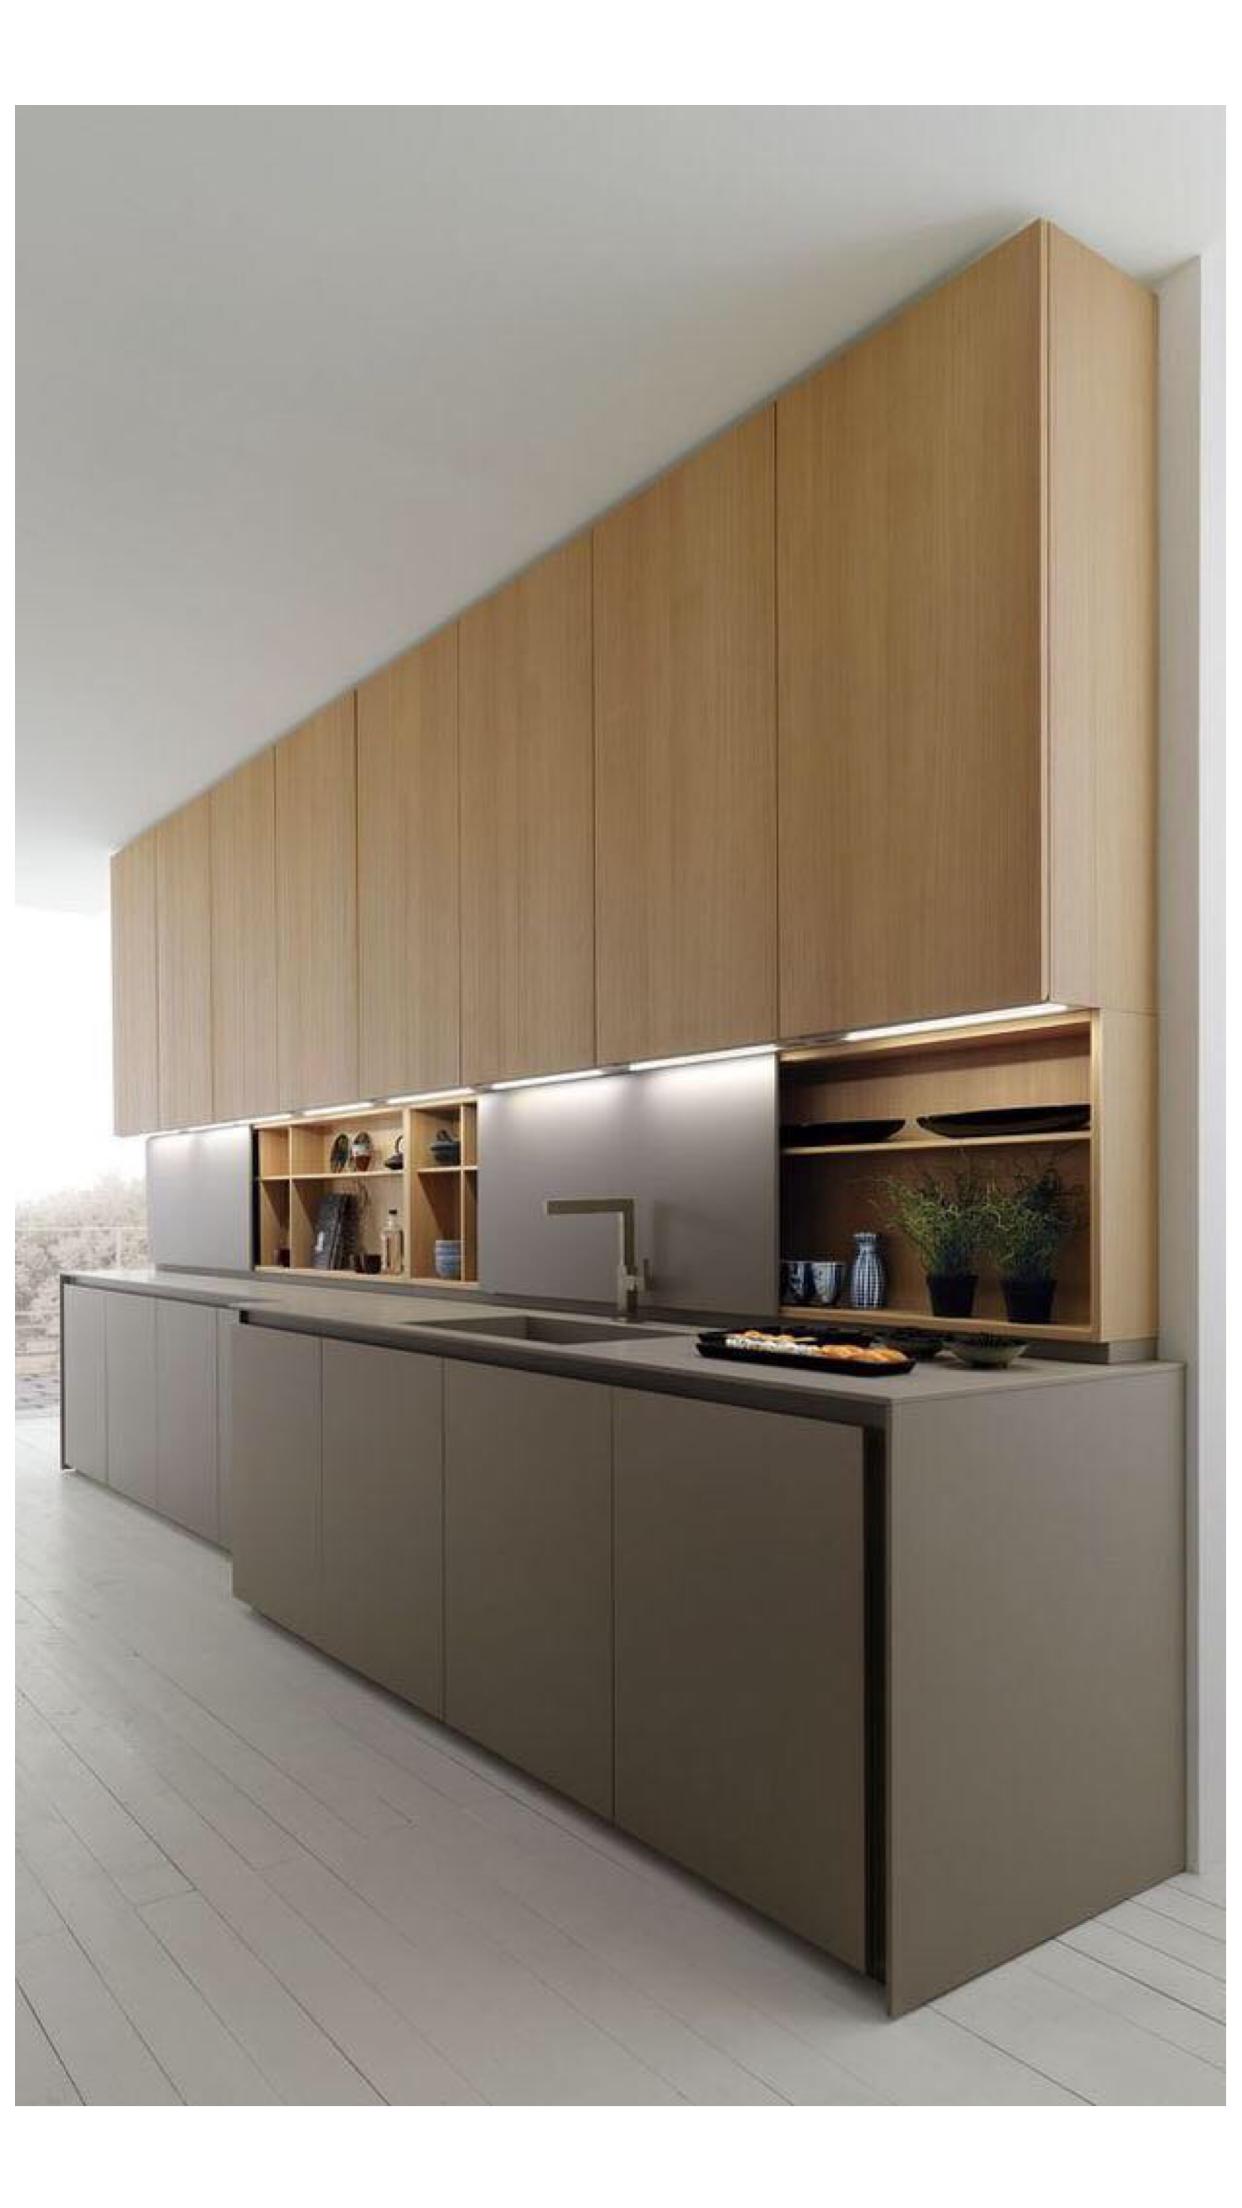 Moderne Kuche Mit Viel Stauraum Naturbelassene Holzfronten In Der